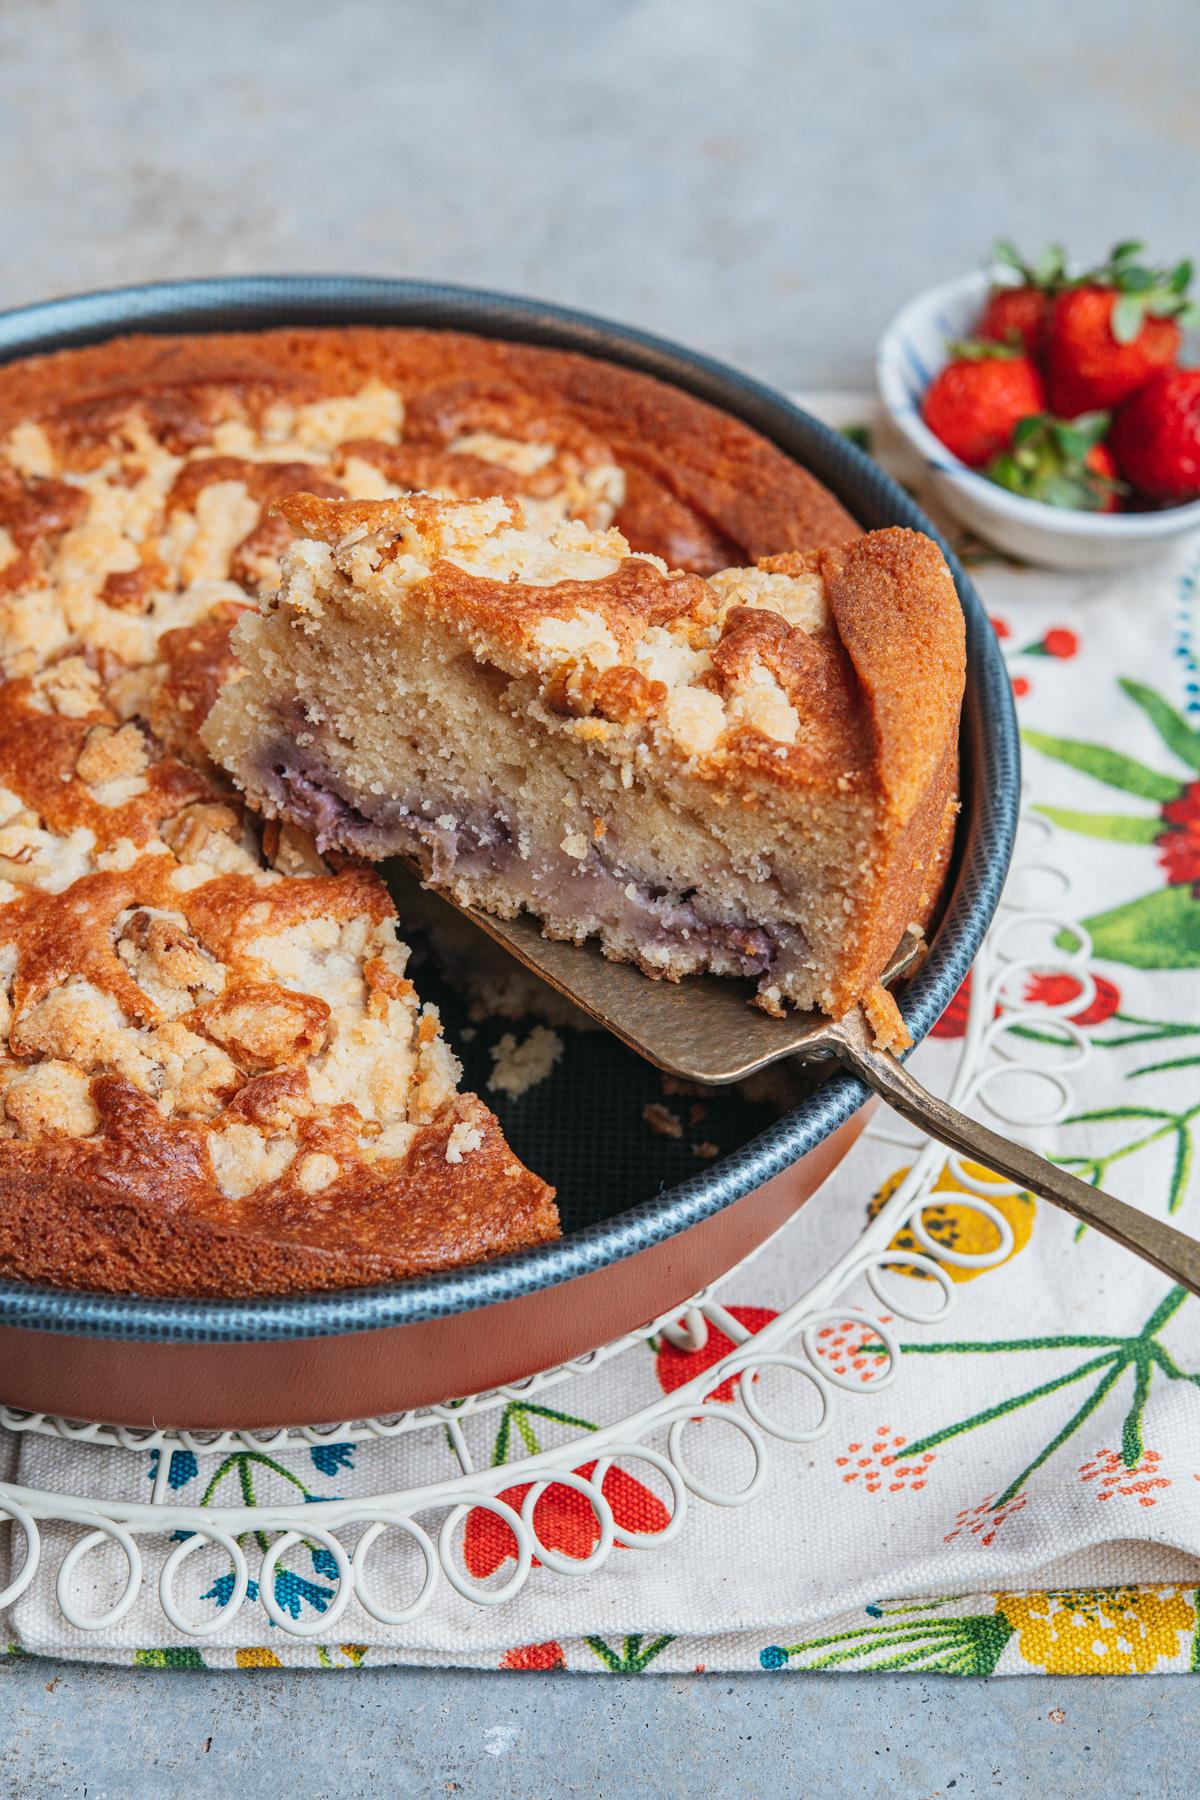 bolo de morango com farofa crocante